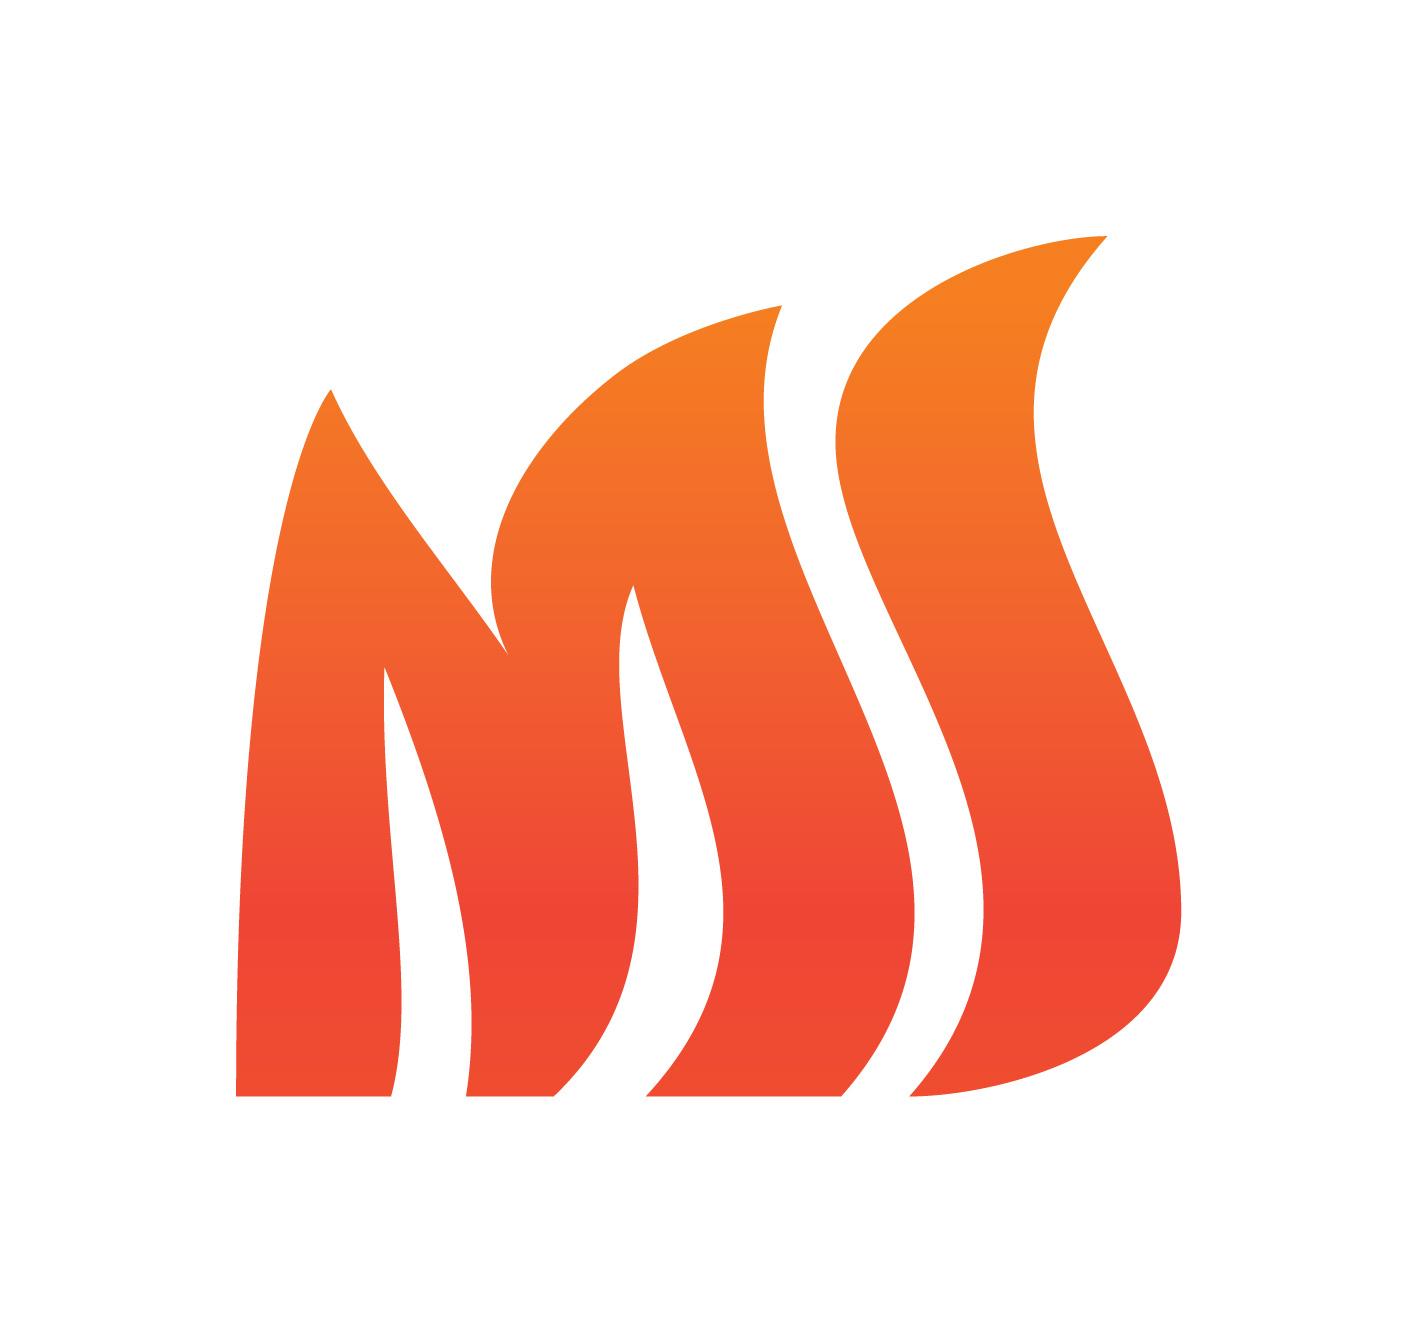 Maras-Sommer GmbH